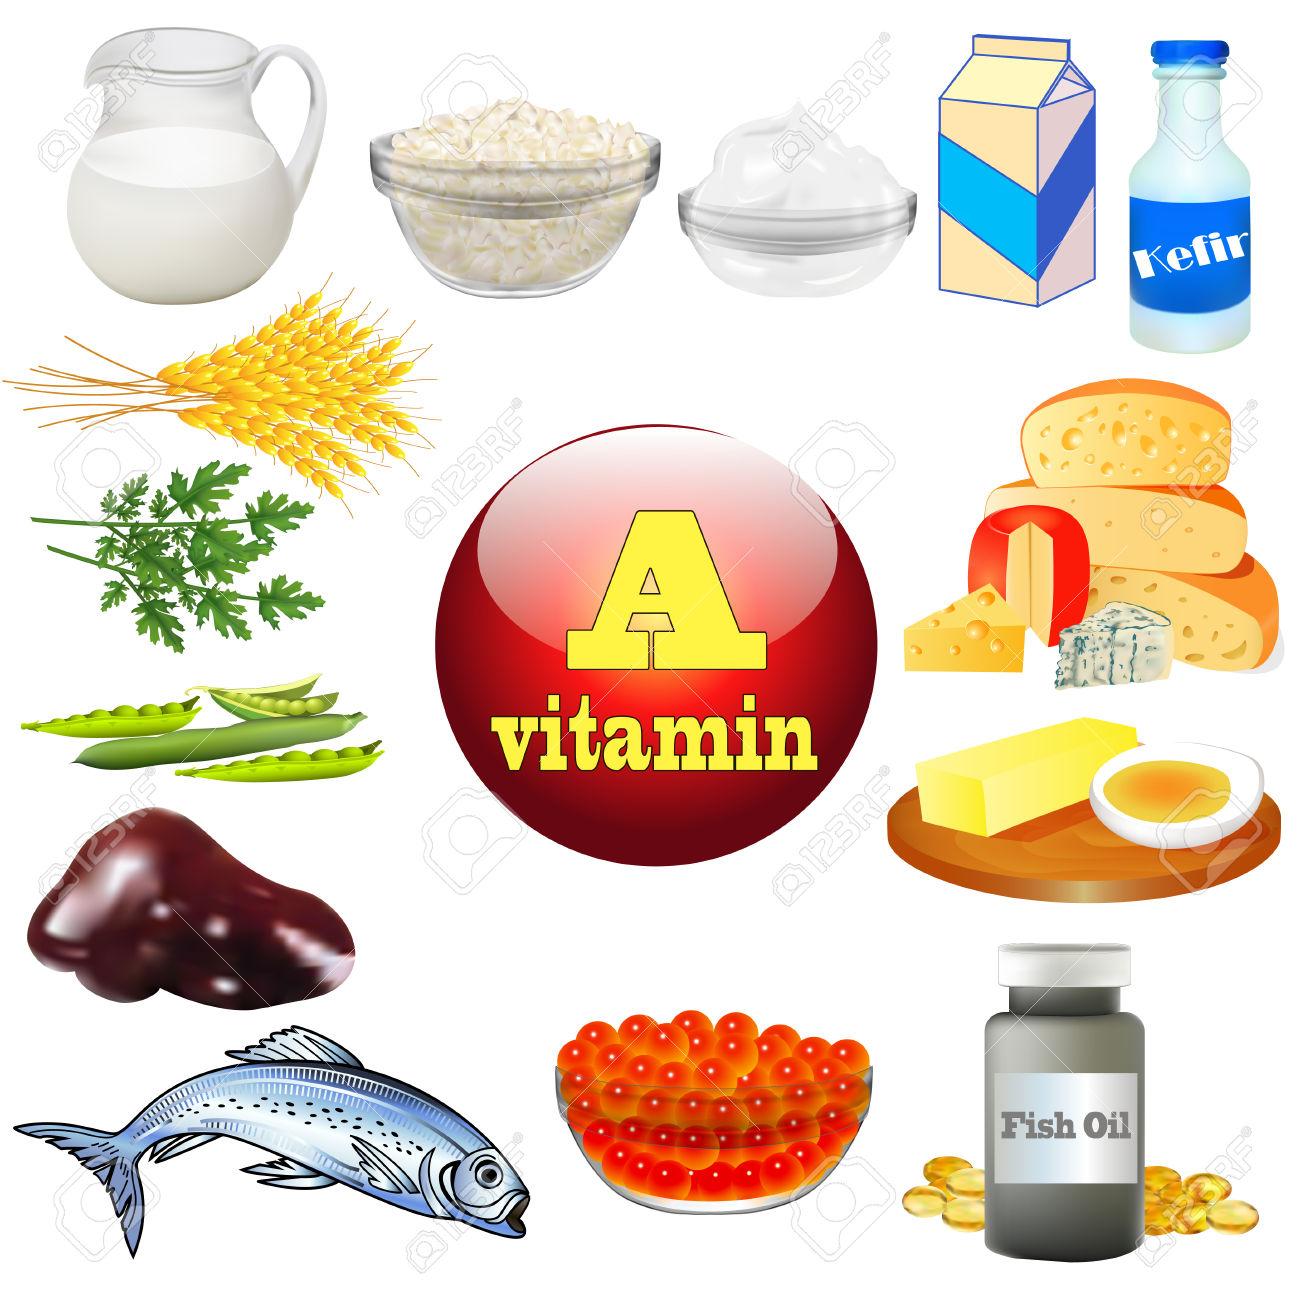 ویتامین چیست انواع و خواص ویتامین ها